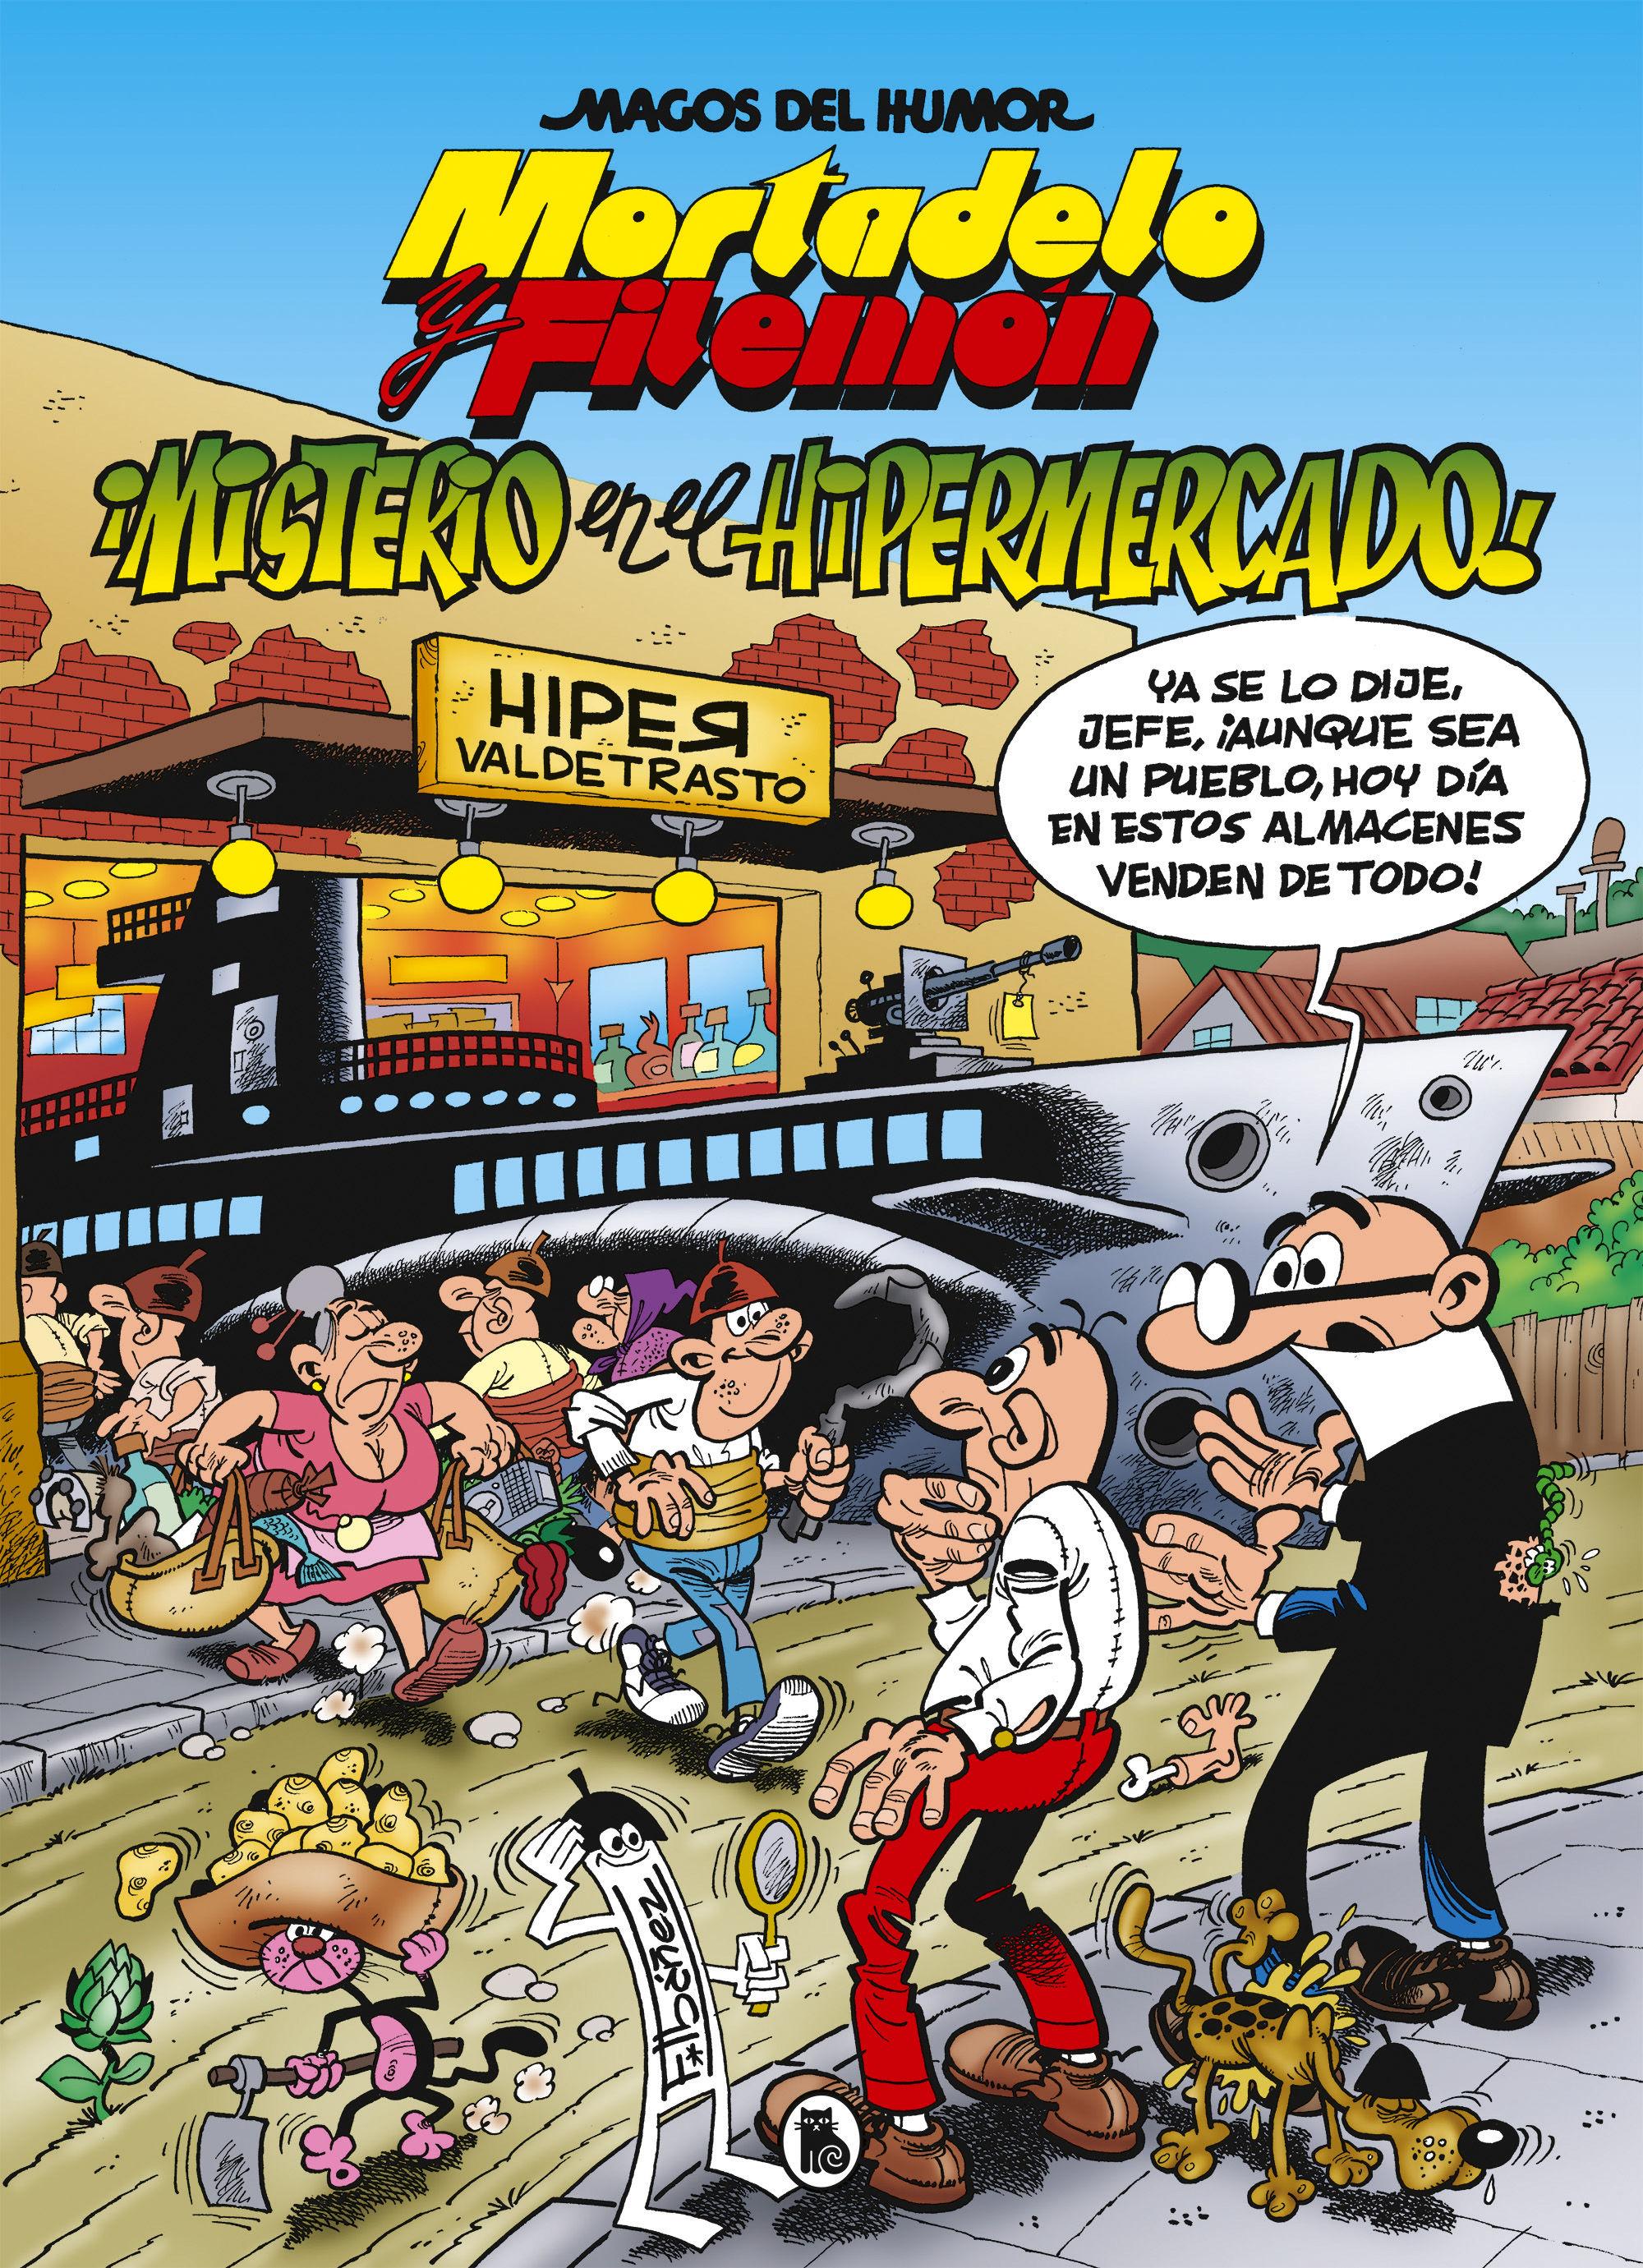 MAGOS DEL HUMOR MORTADELO Y FILEMON 205 MISTERIO EN EL HIPERMERCADO